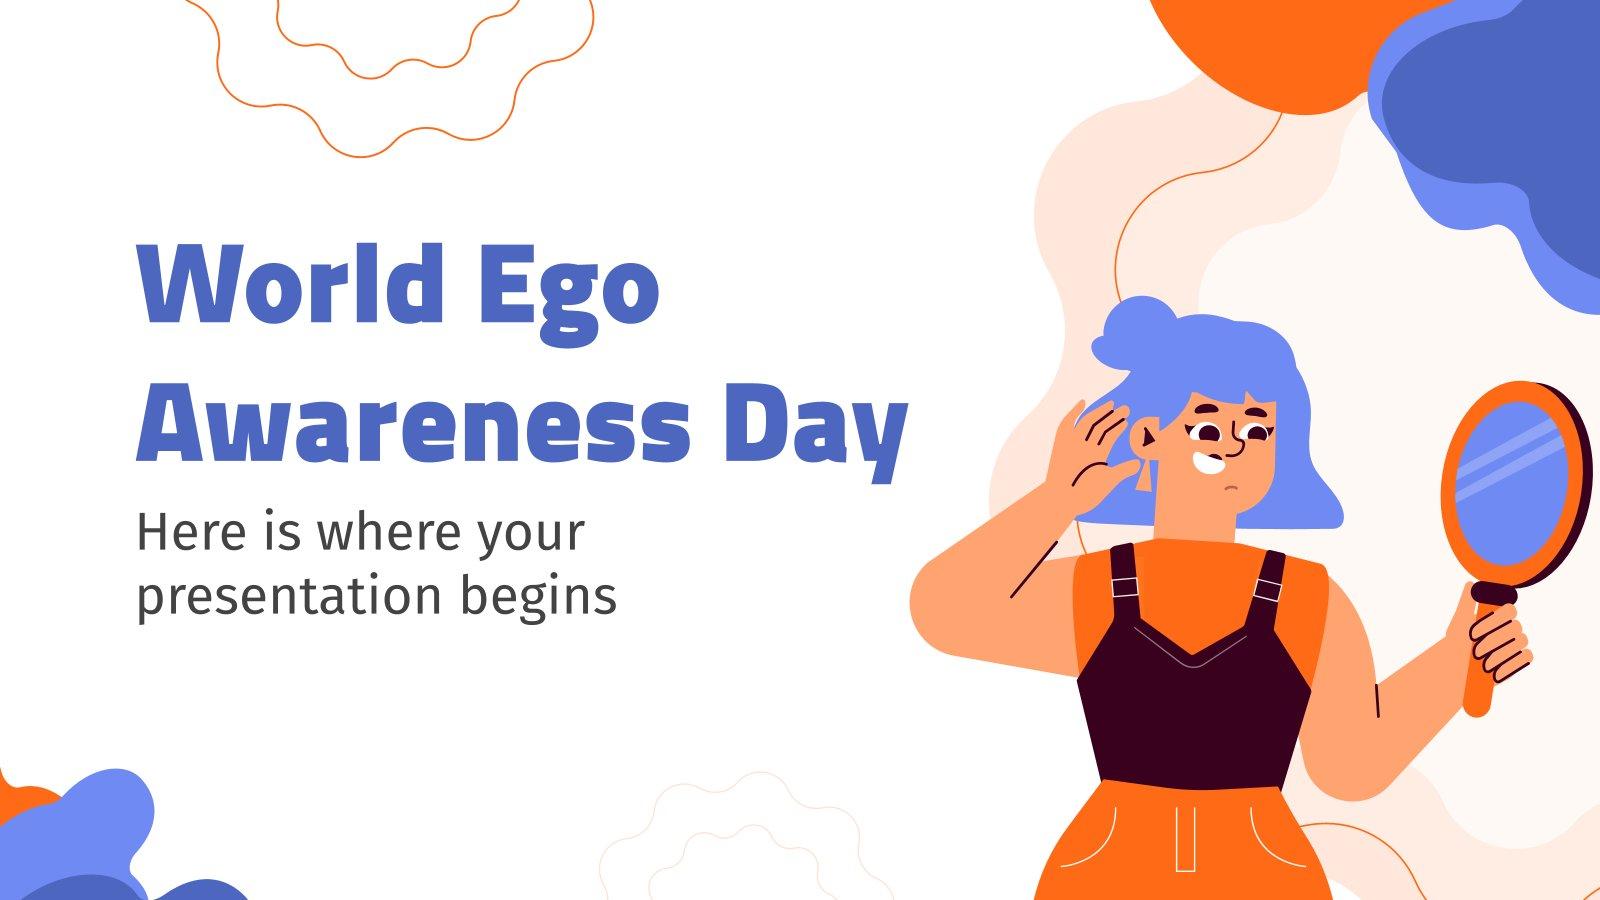 Modelo de apresentação Dia Mundial da Consciência do Ego